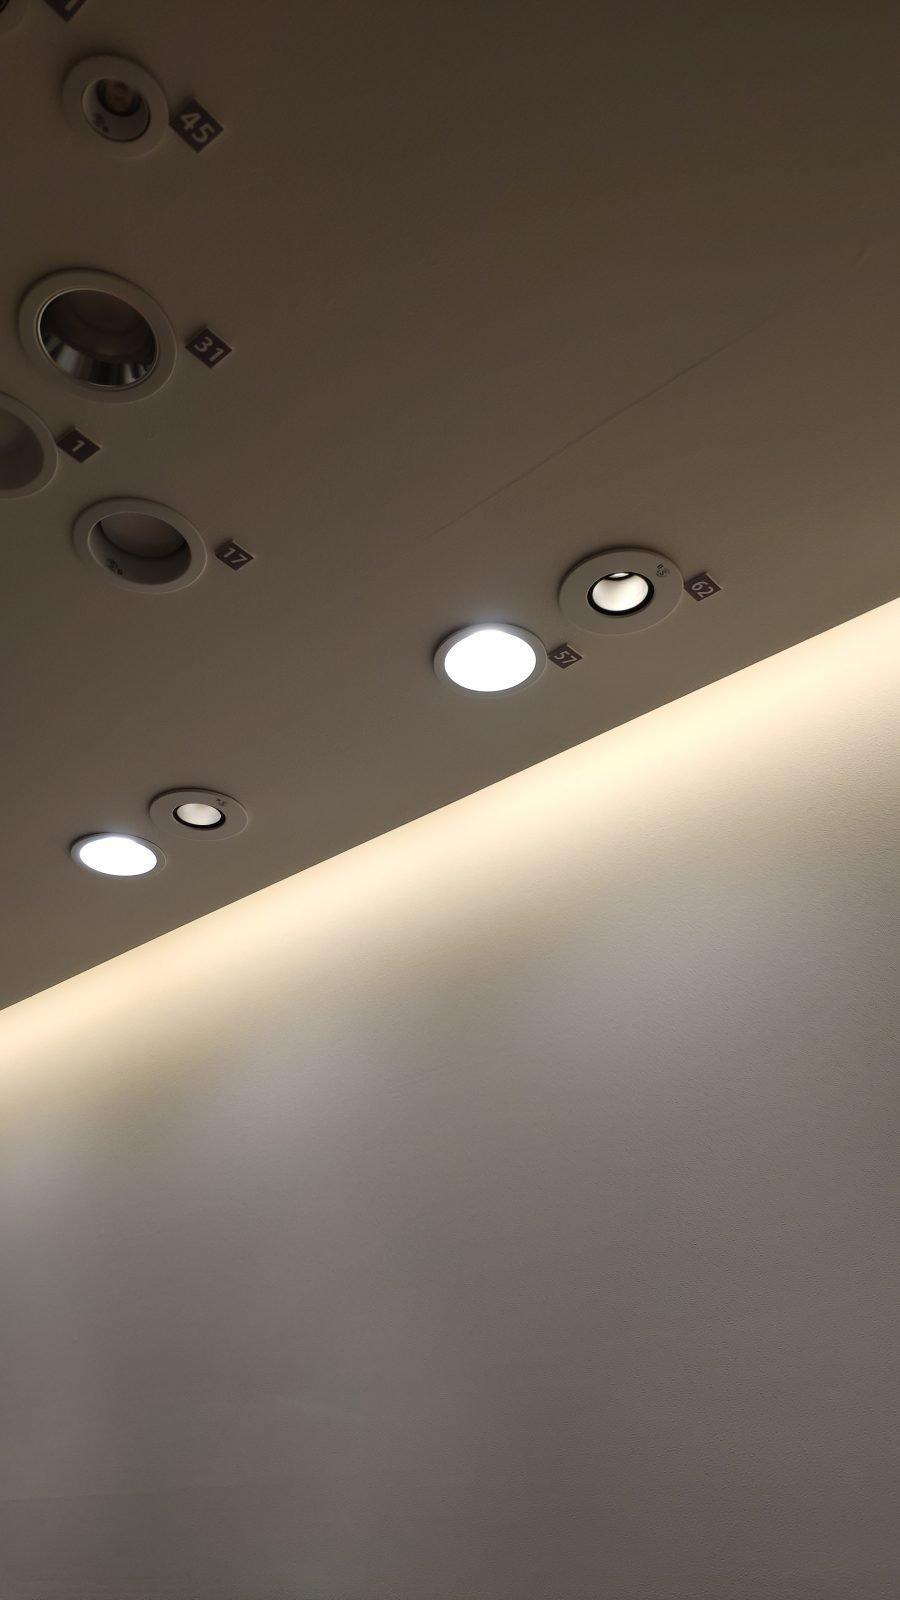 普通のダウンライト(左側)とピンホールダウンライト(右側)の違い